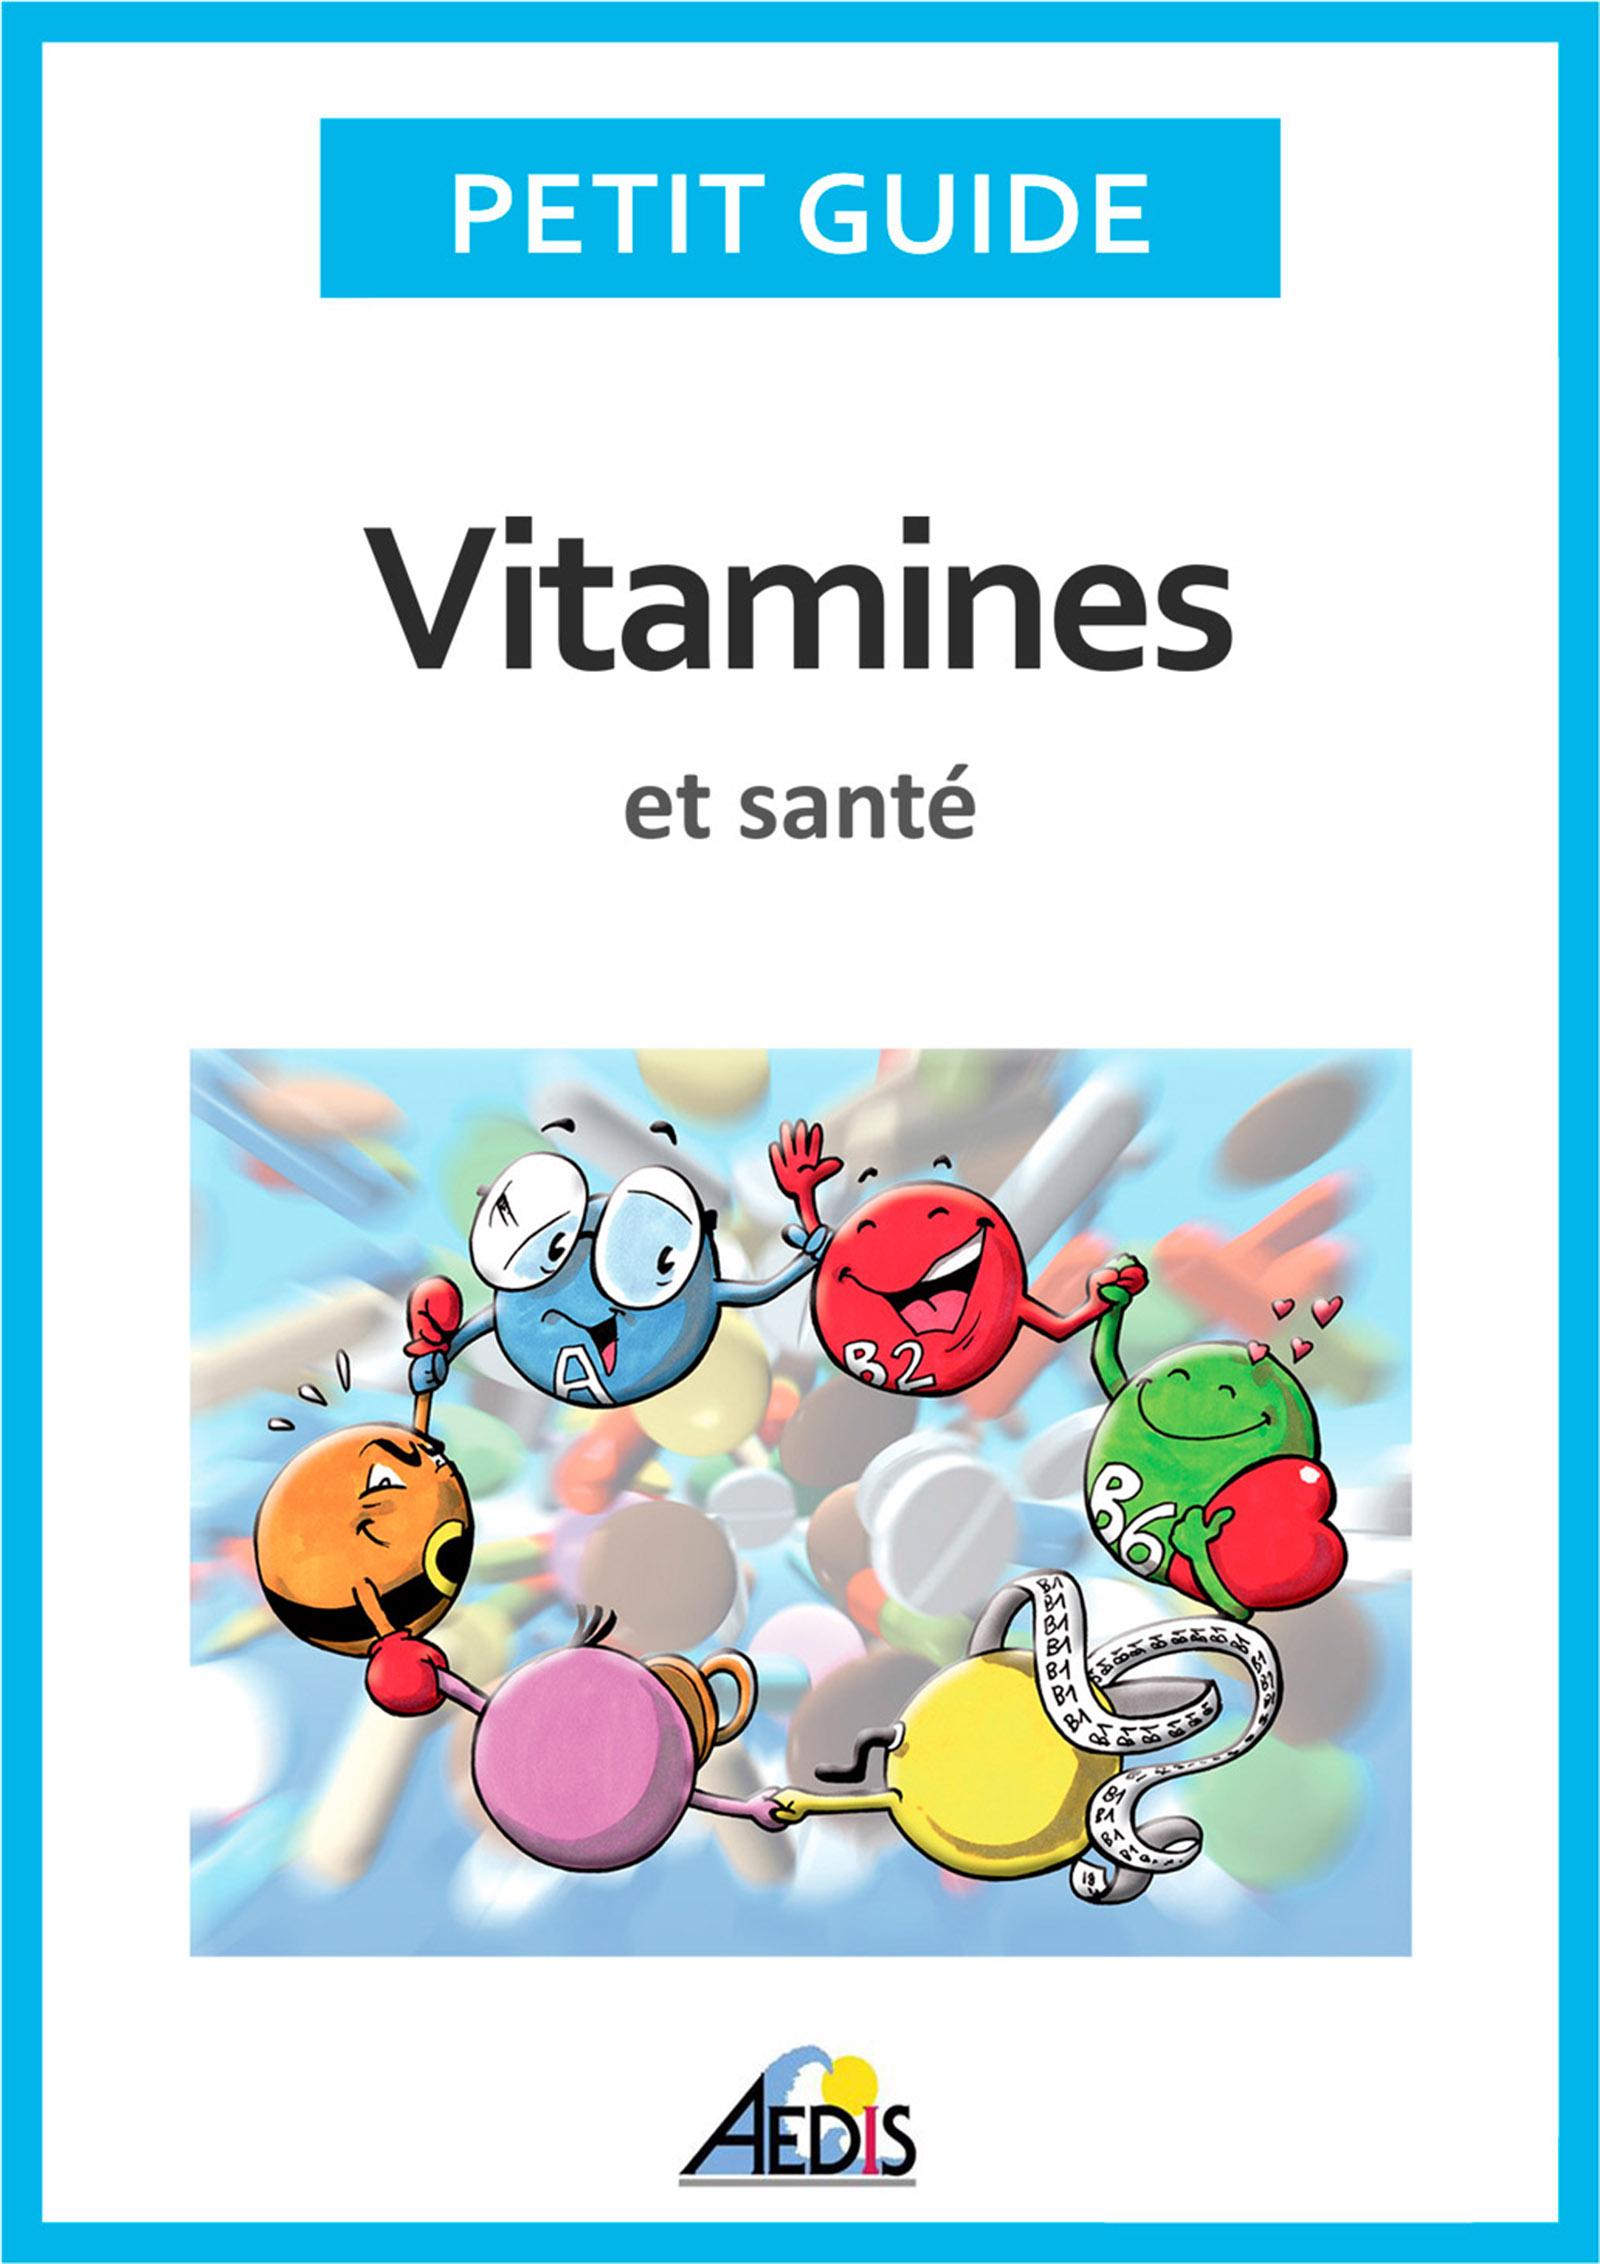 Vitamines et sant?, Adoptez un r?gime alimentaire sain et plein de vitalit? !